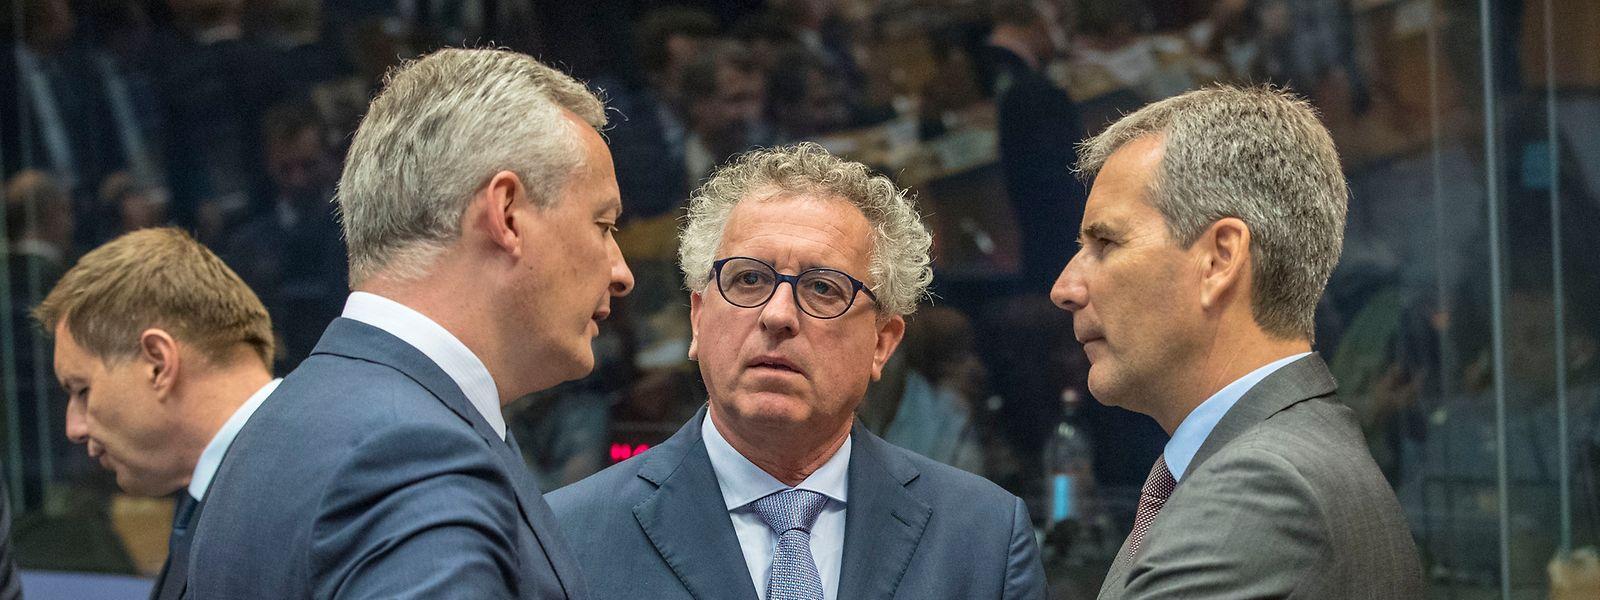 Les ministres des Finances de la France, Bruno Le Maire, du Luxembourg, Pierre Gramegna et de l'Autriche, Hartwig Loger.